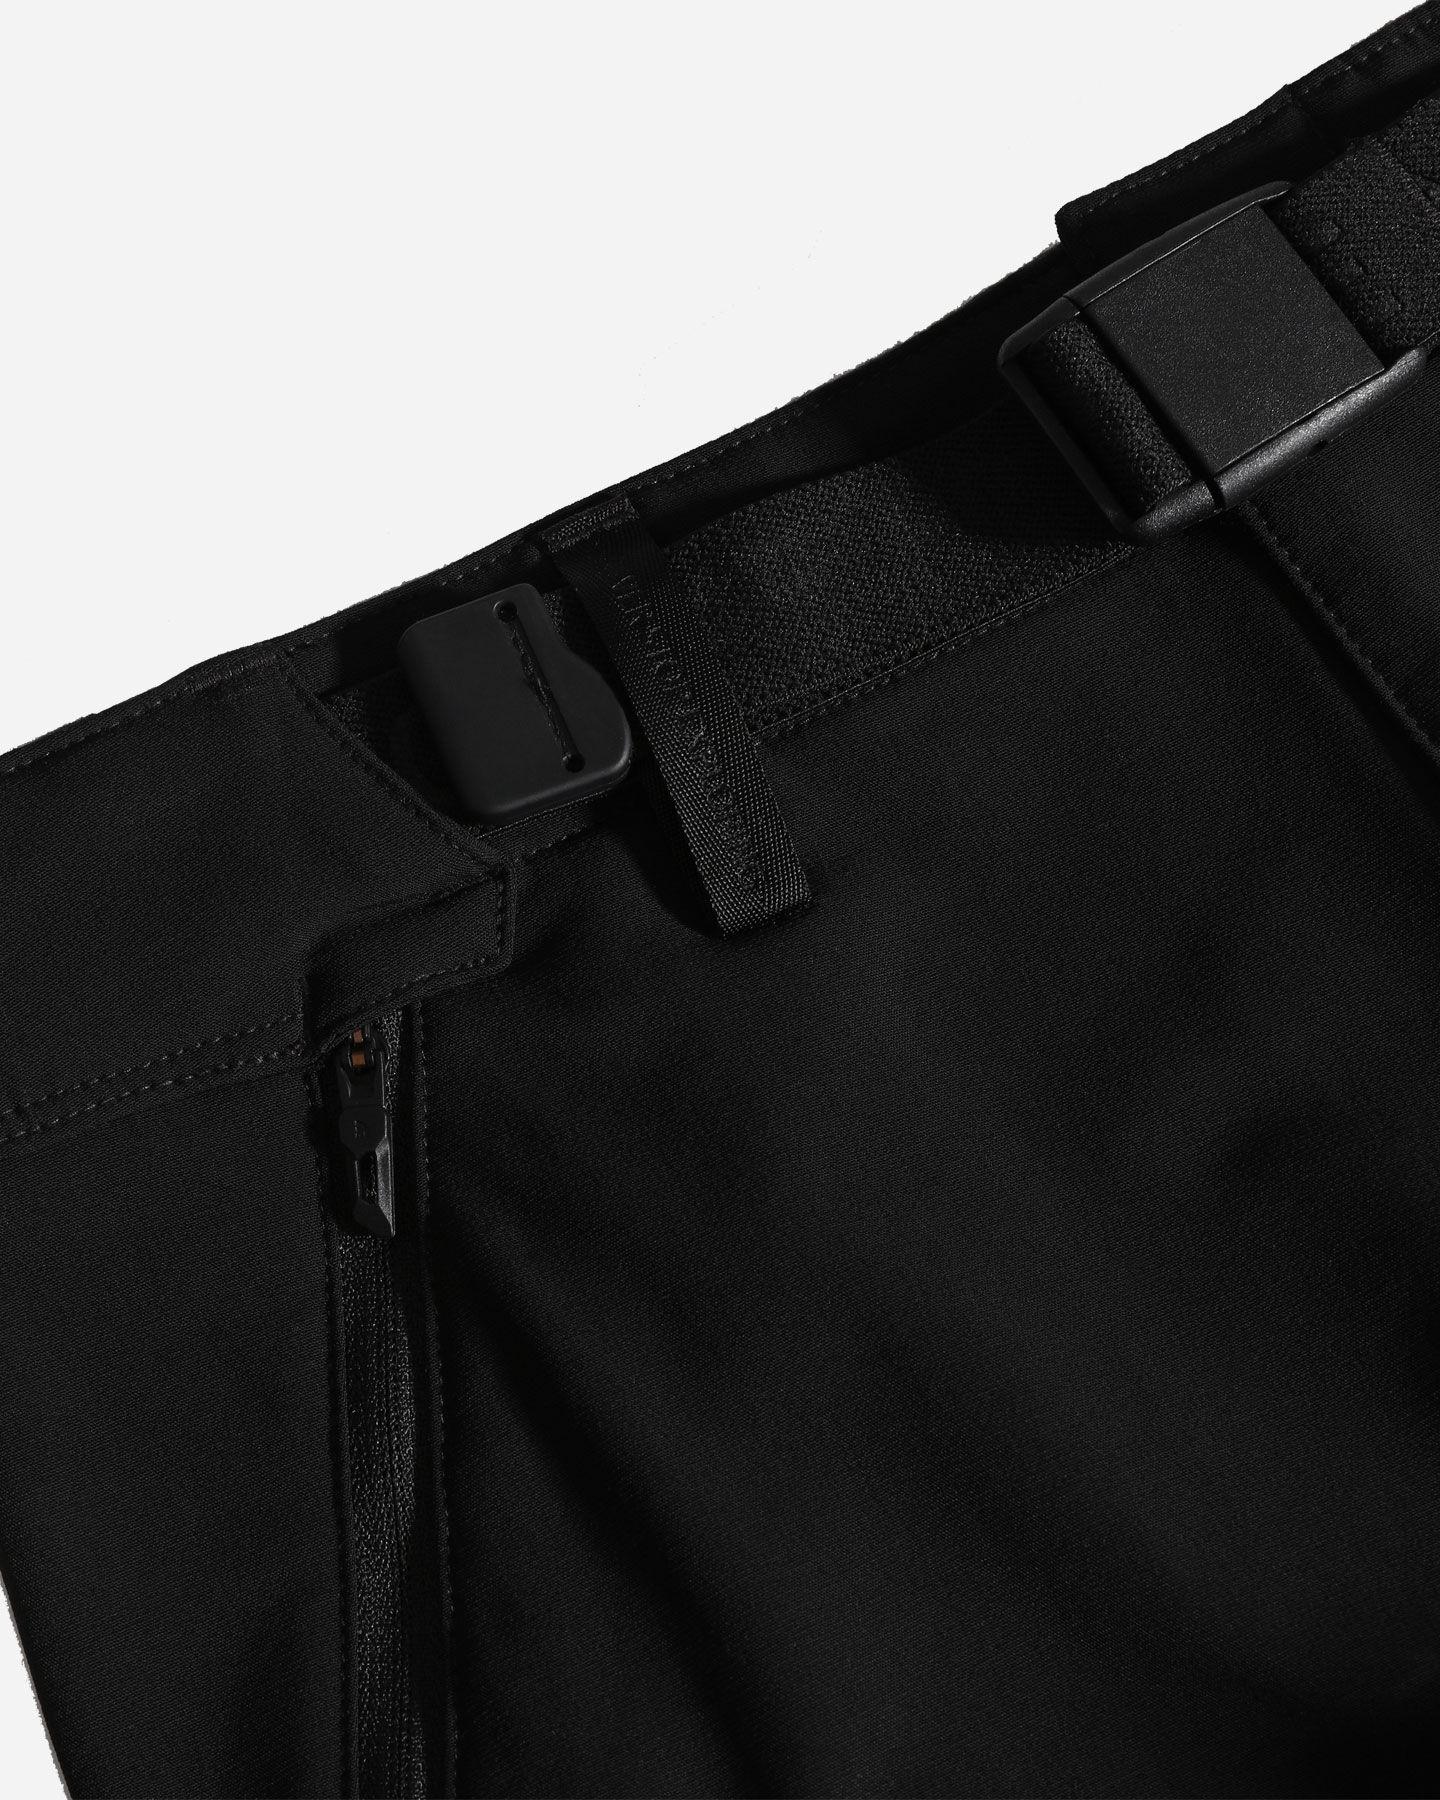 Pantalone outdoor THE NORTH FACE DIABLO II M S5242460 scatto 3